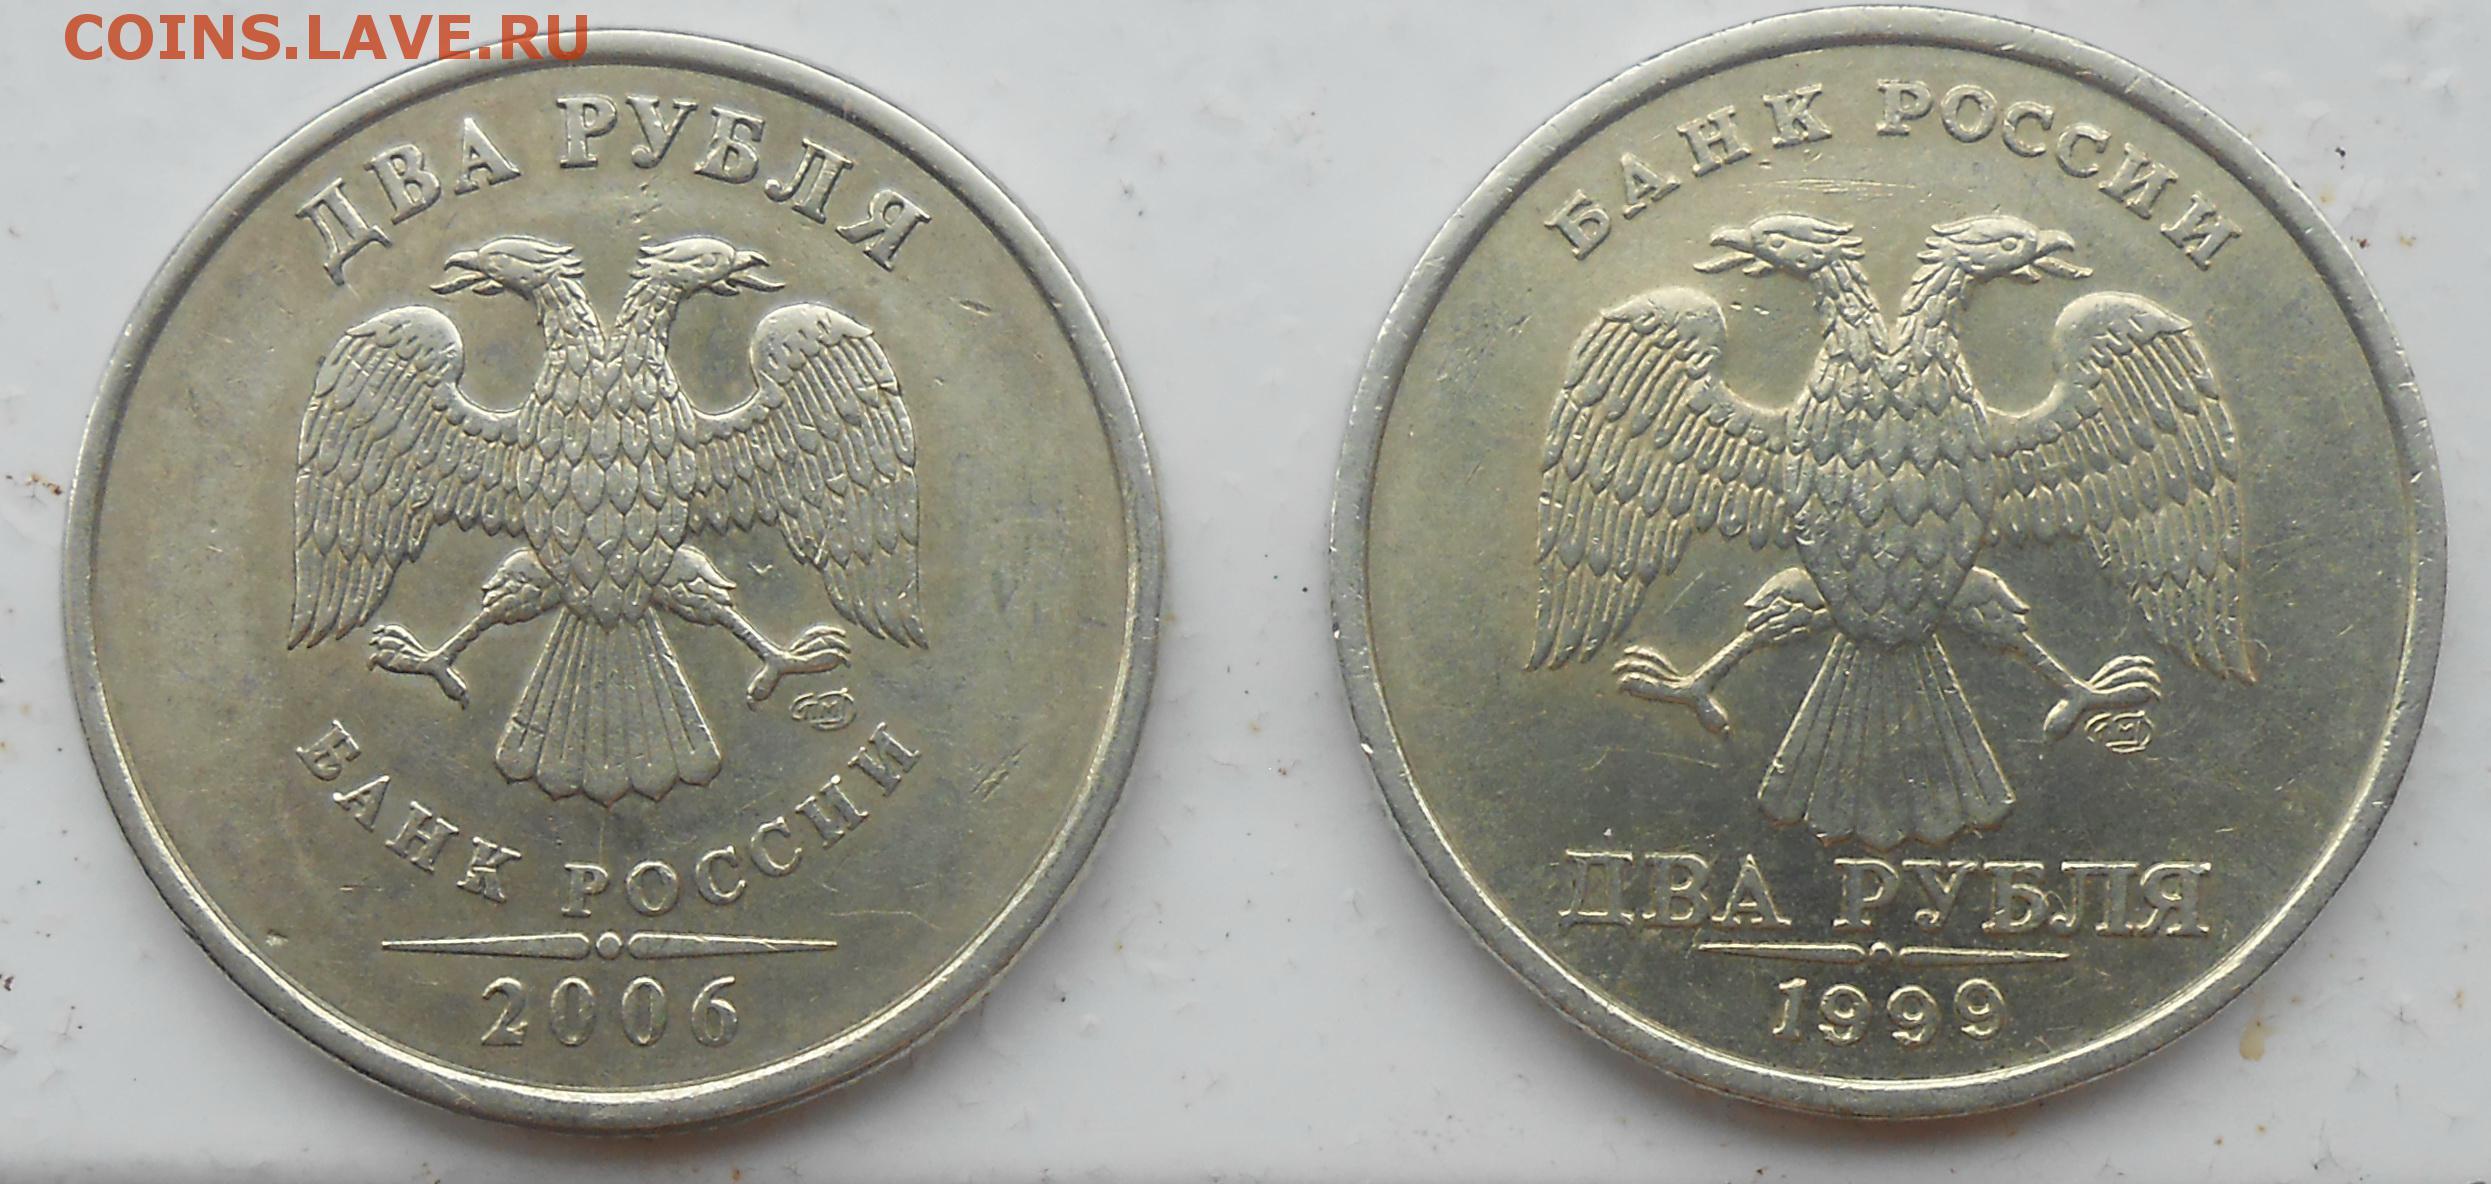 2 руб 2006 10 рублей 1899 года